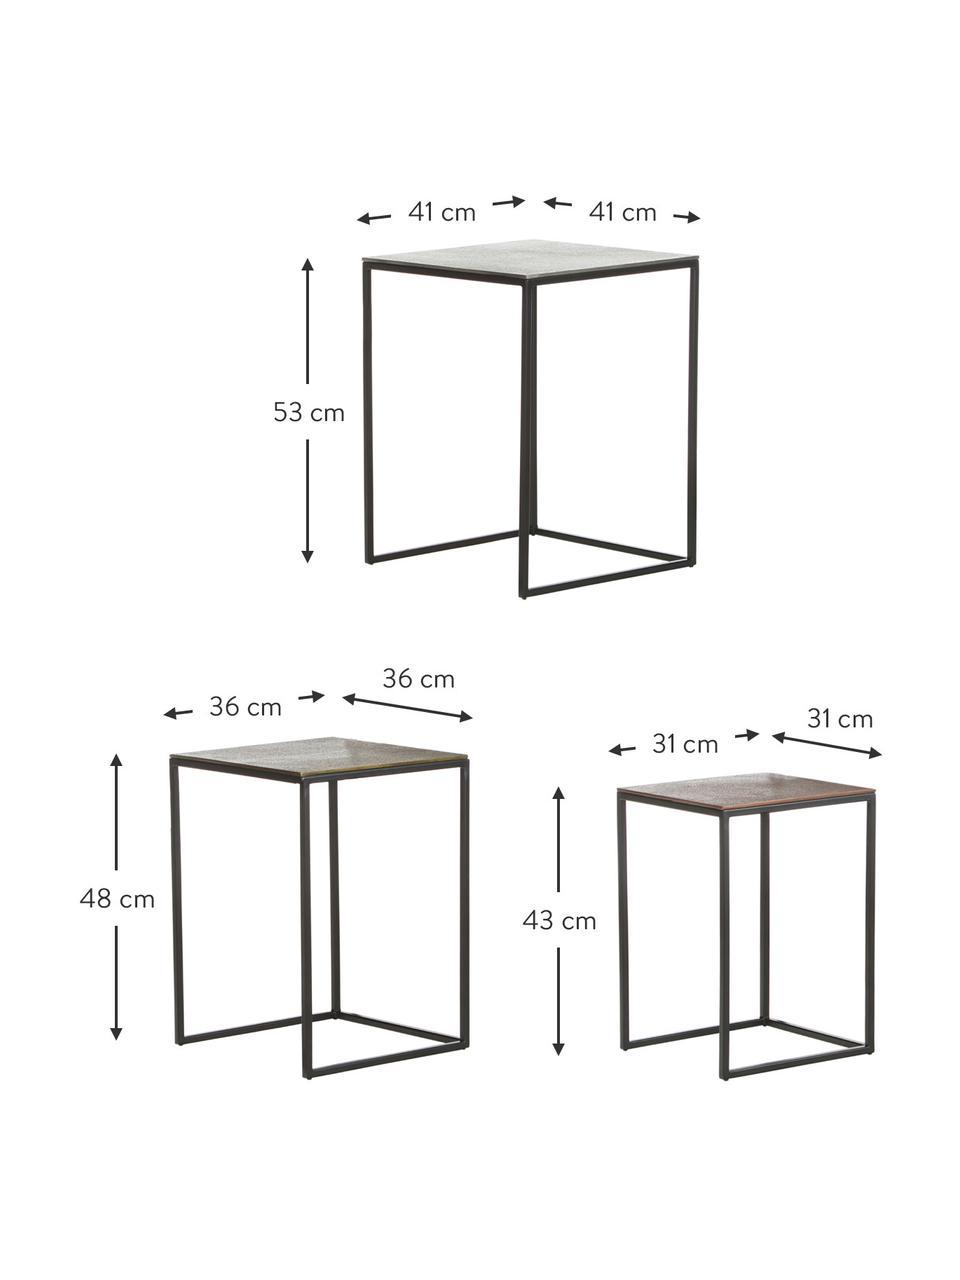 Metall Beistelltisch 3er-Set Dwayne, Silber, Messing, Sondergrößen